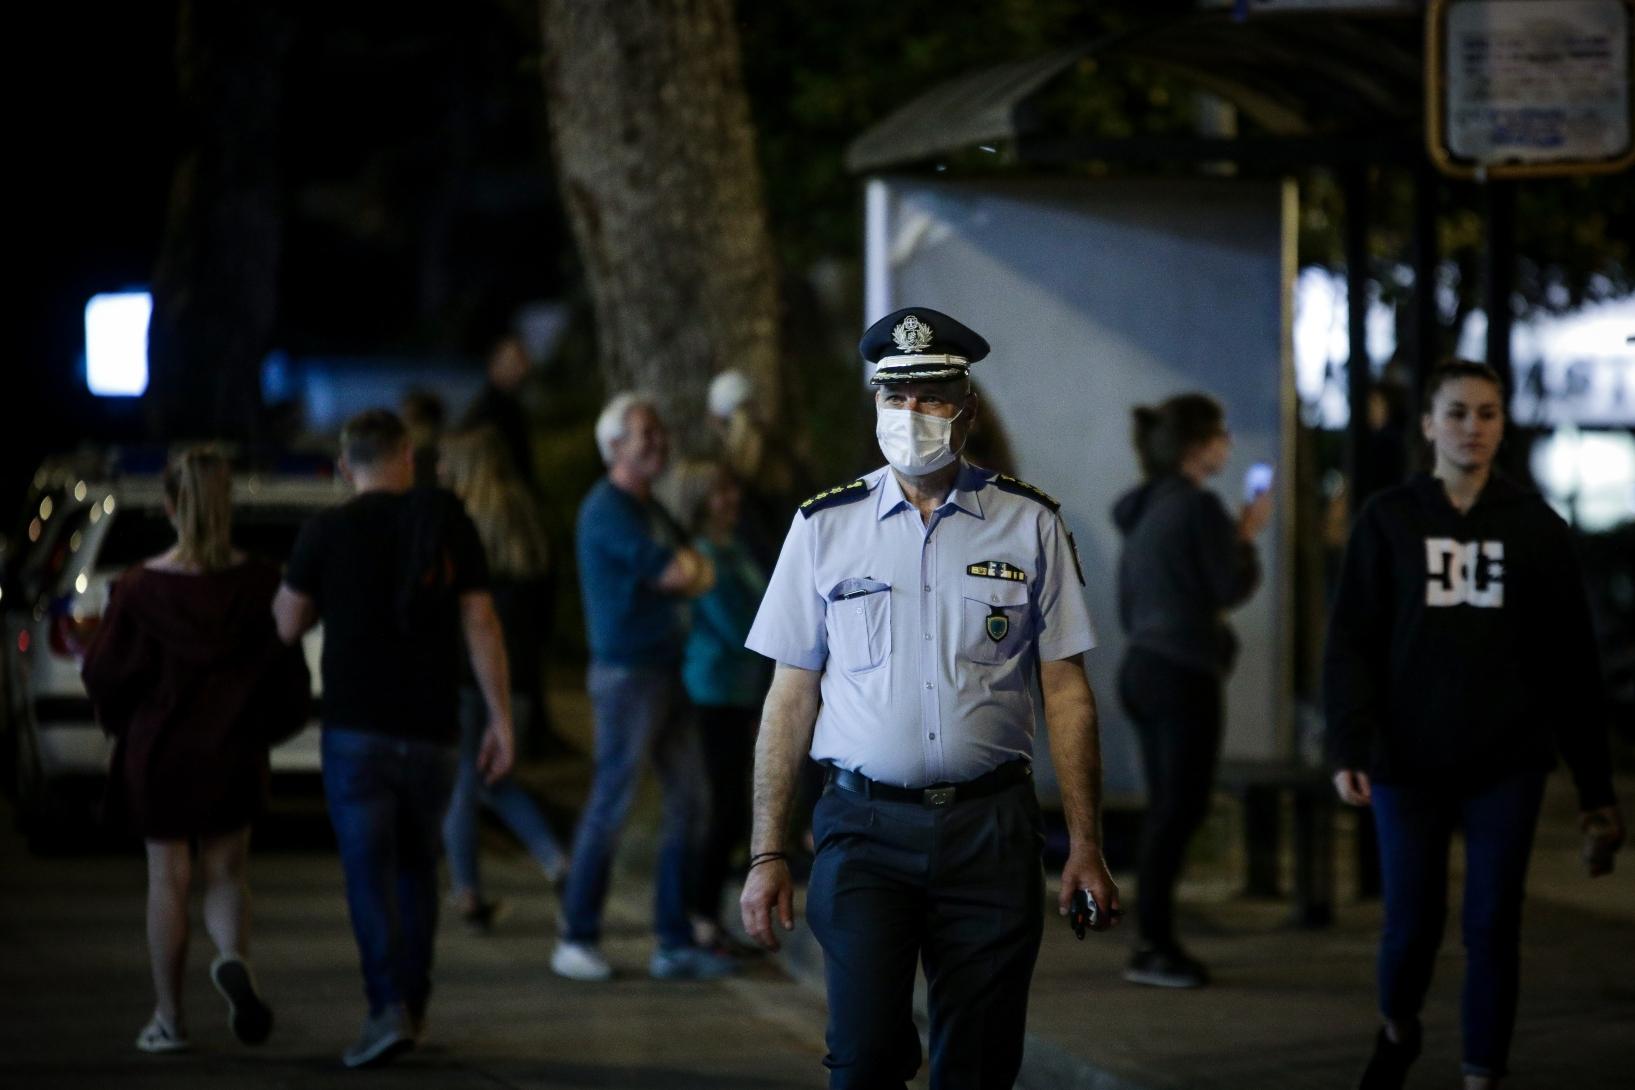 Συγκέντρωση πολιτών παρά την απαγόρευση στην πλατεία Αγίας Παρασκευής